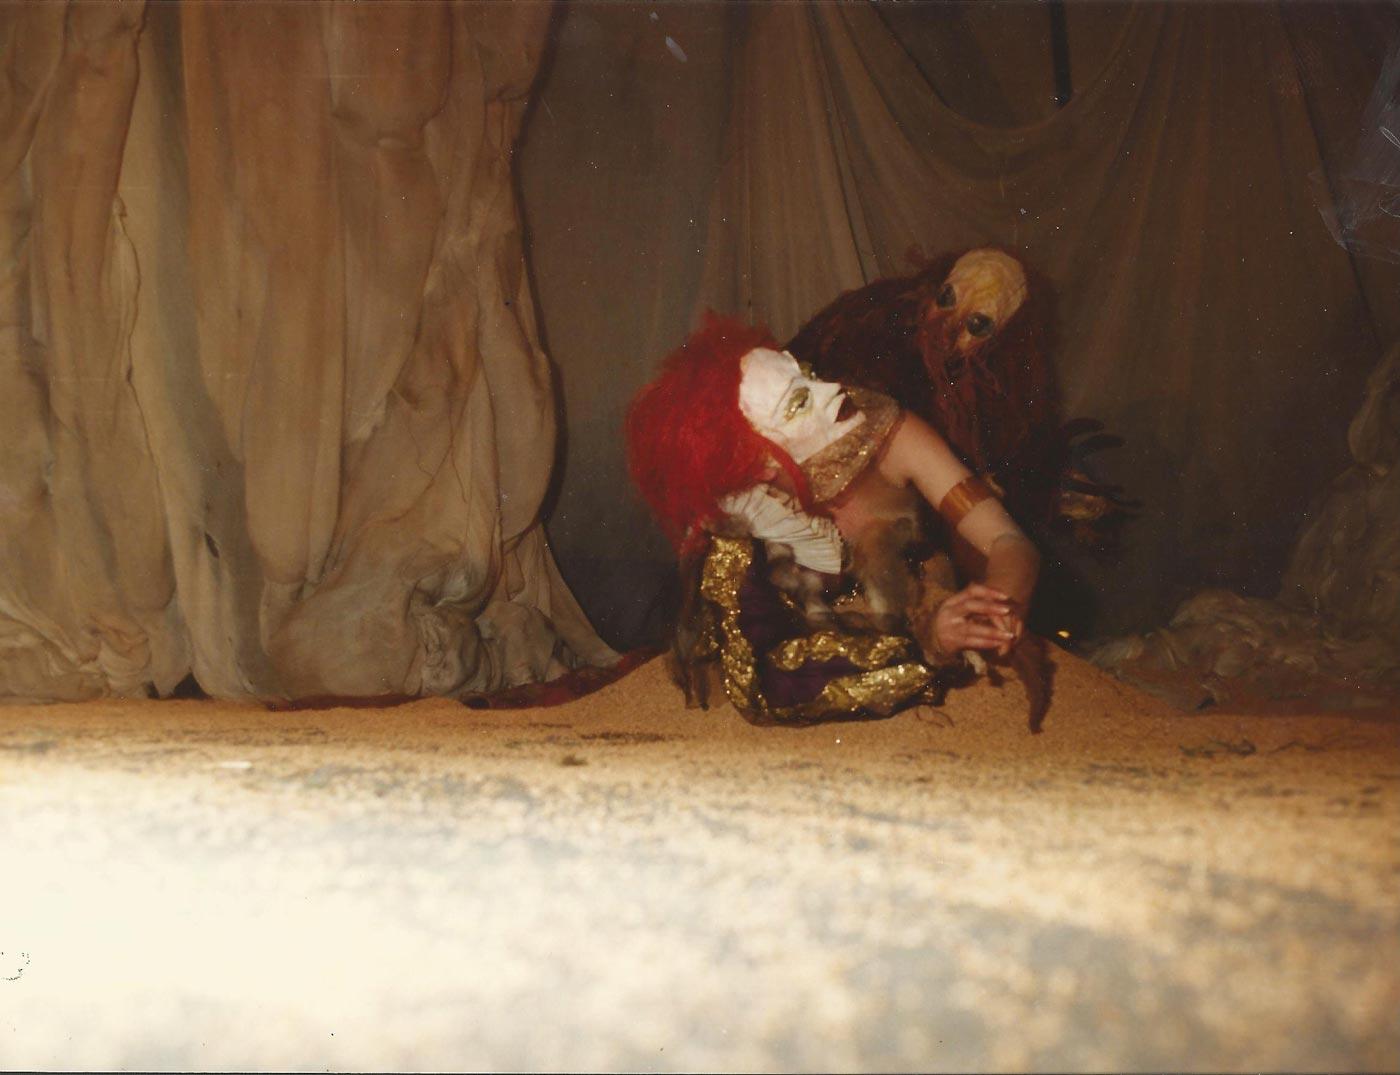 1983-la-bella-y-la-bestia-guirigai-fotos-02